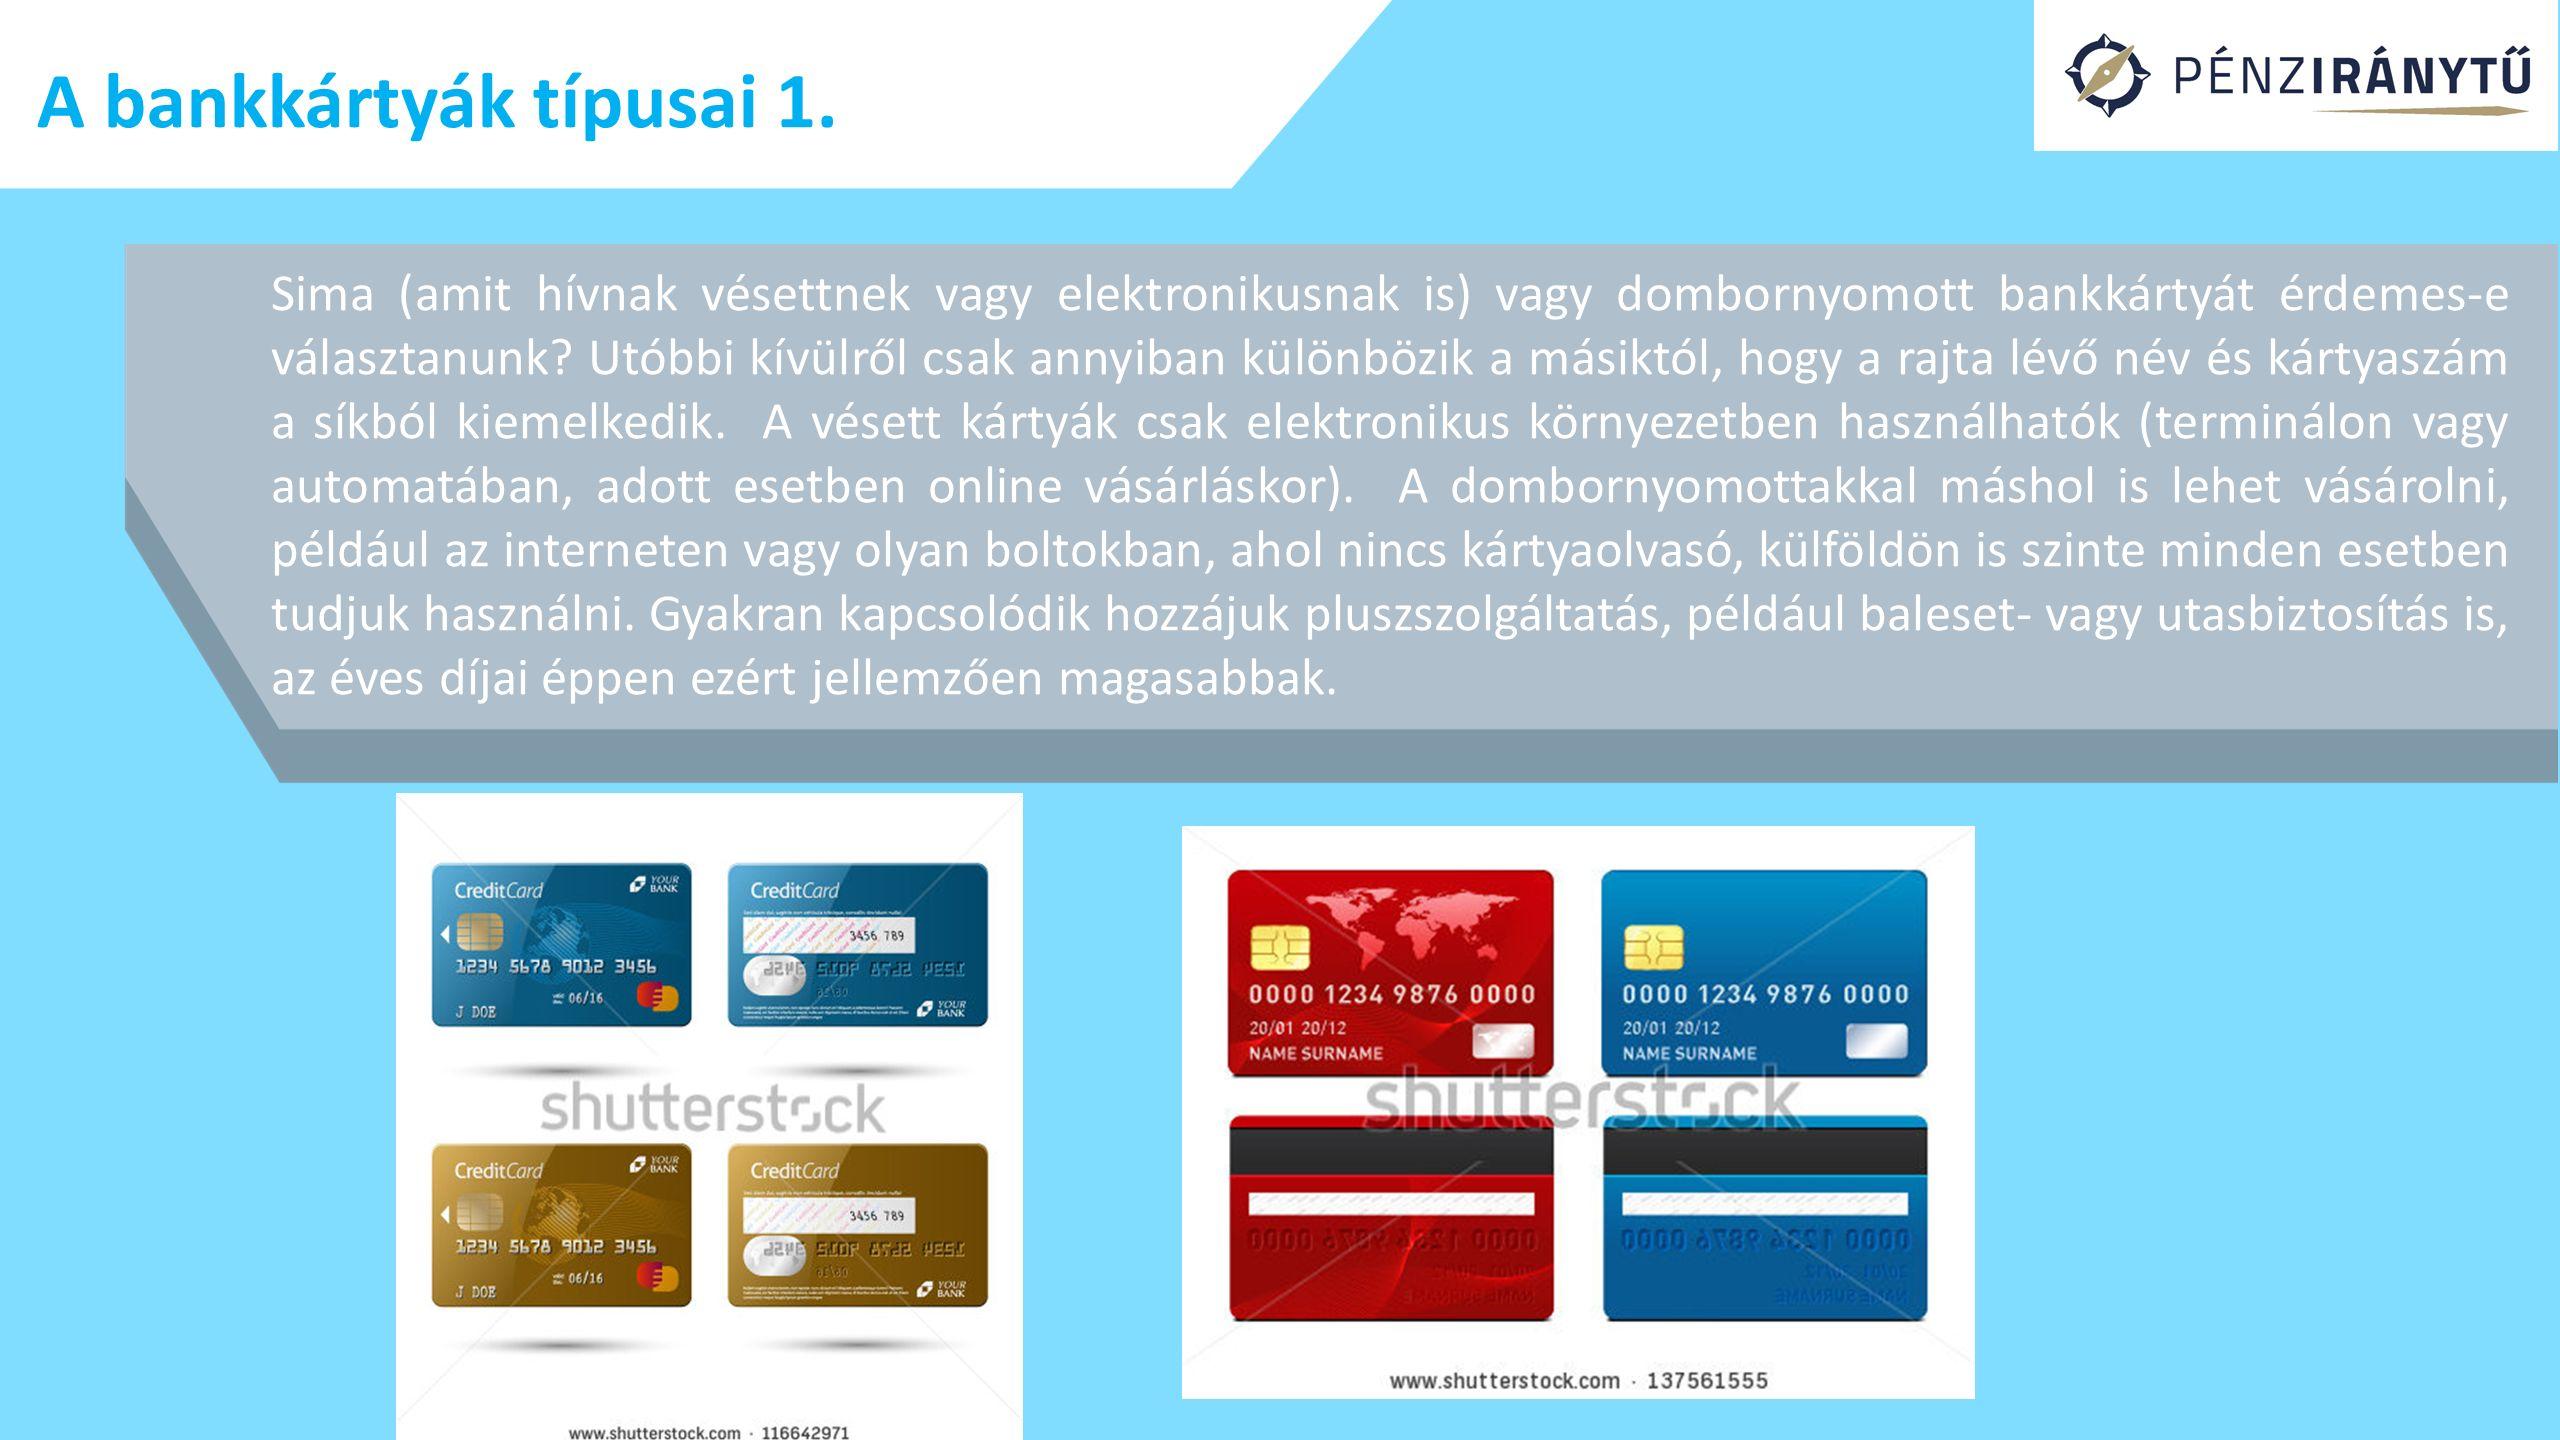 A bankkártyák típusai 1. Sima (amit hívnak vésettnek vagy elektronikusnak is) vagy dombornyomott bankkártyát érdemes-e választanunk? Utóbbi kívülről c